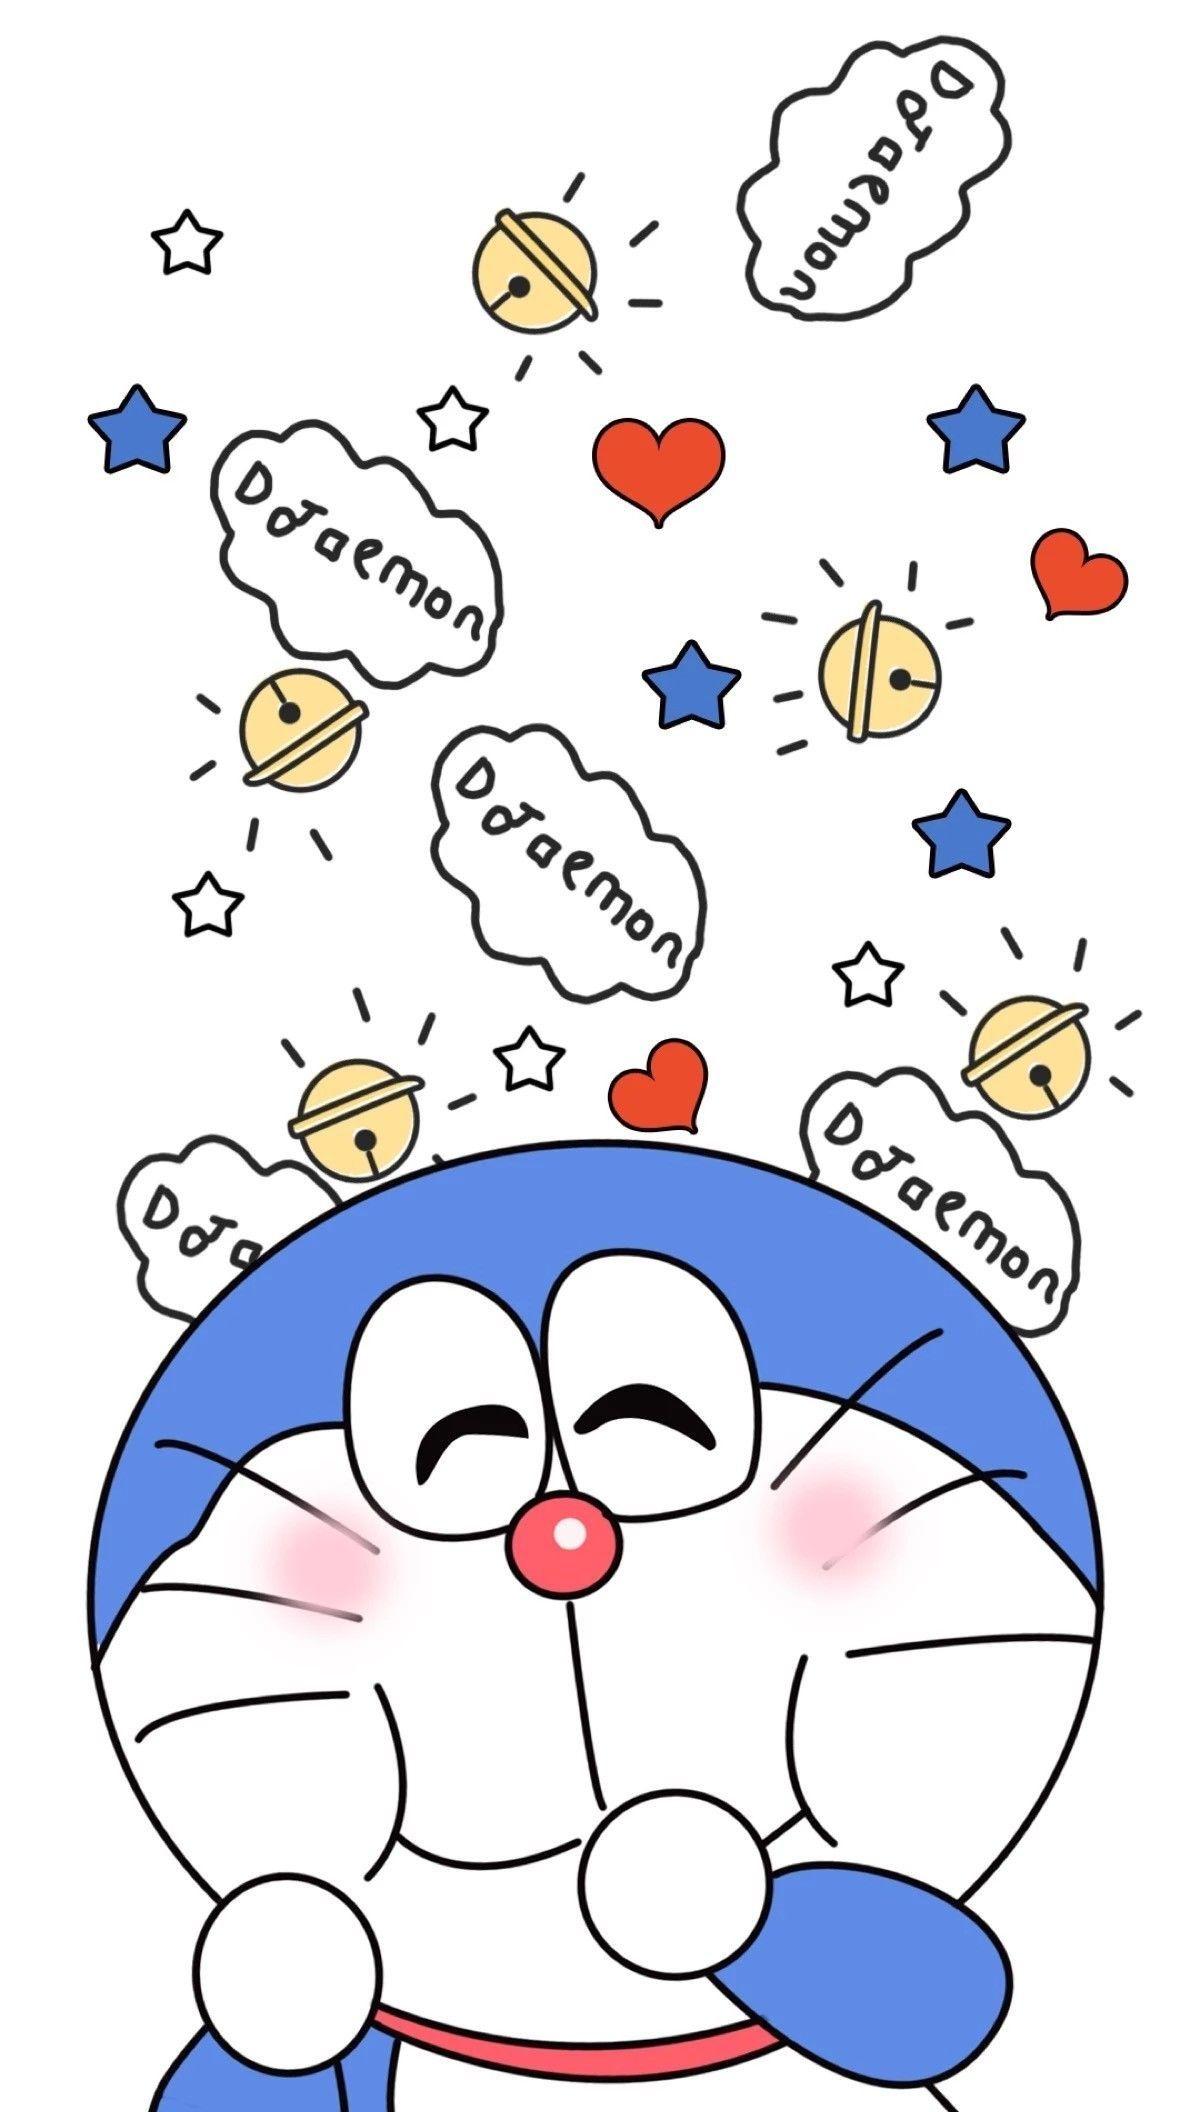 Doraemon And Friends Wallpaper 2018 78 Pictures In 2019 Regarding